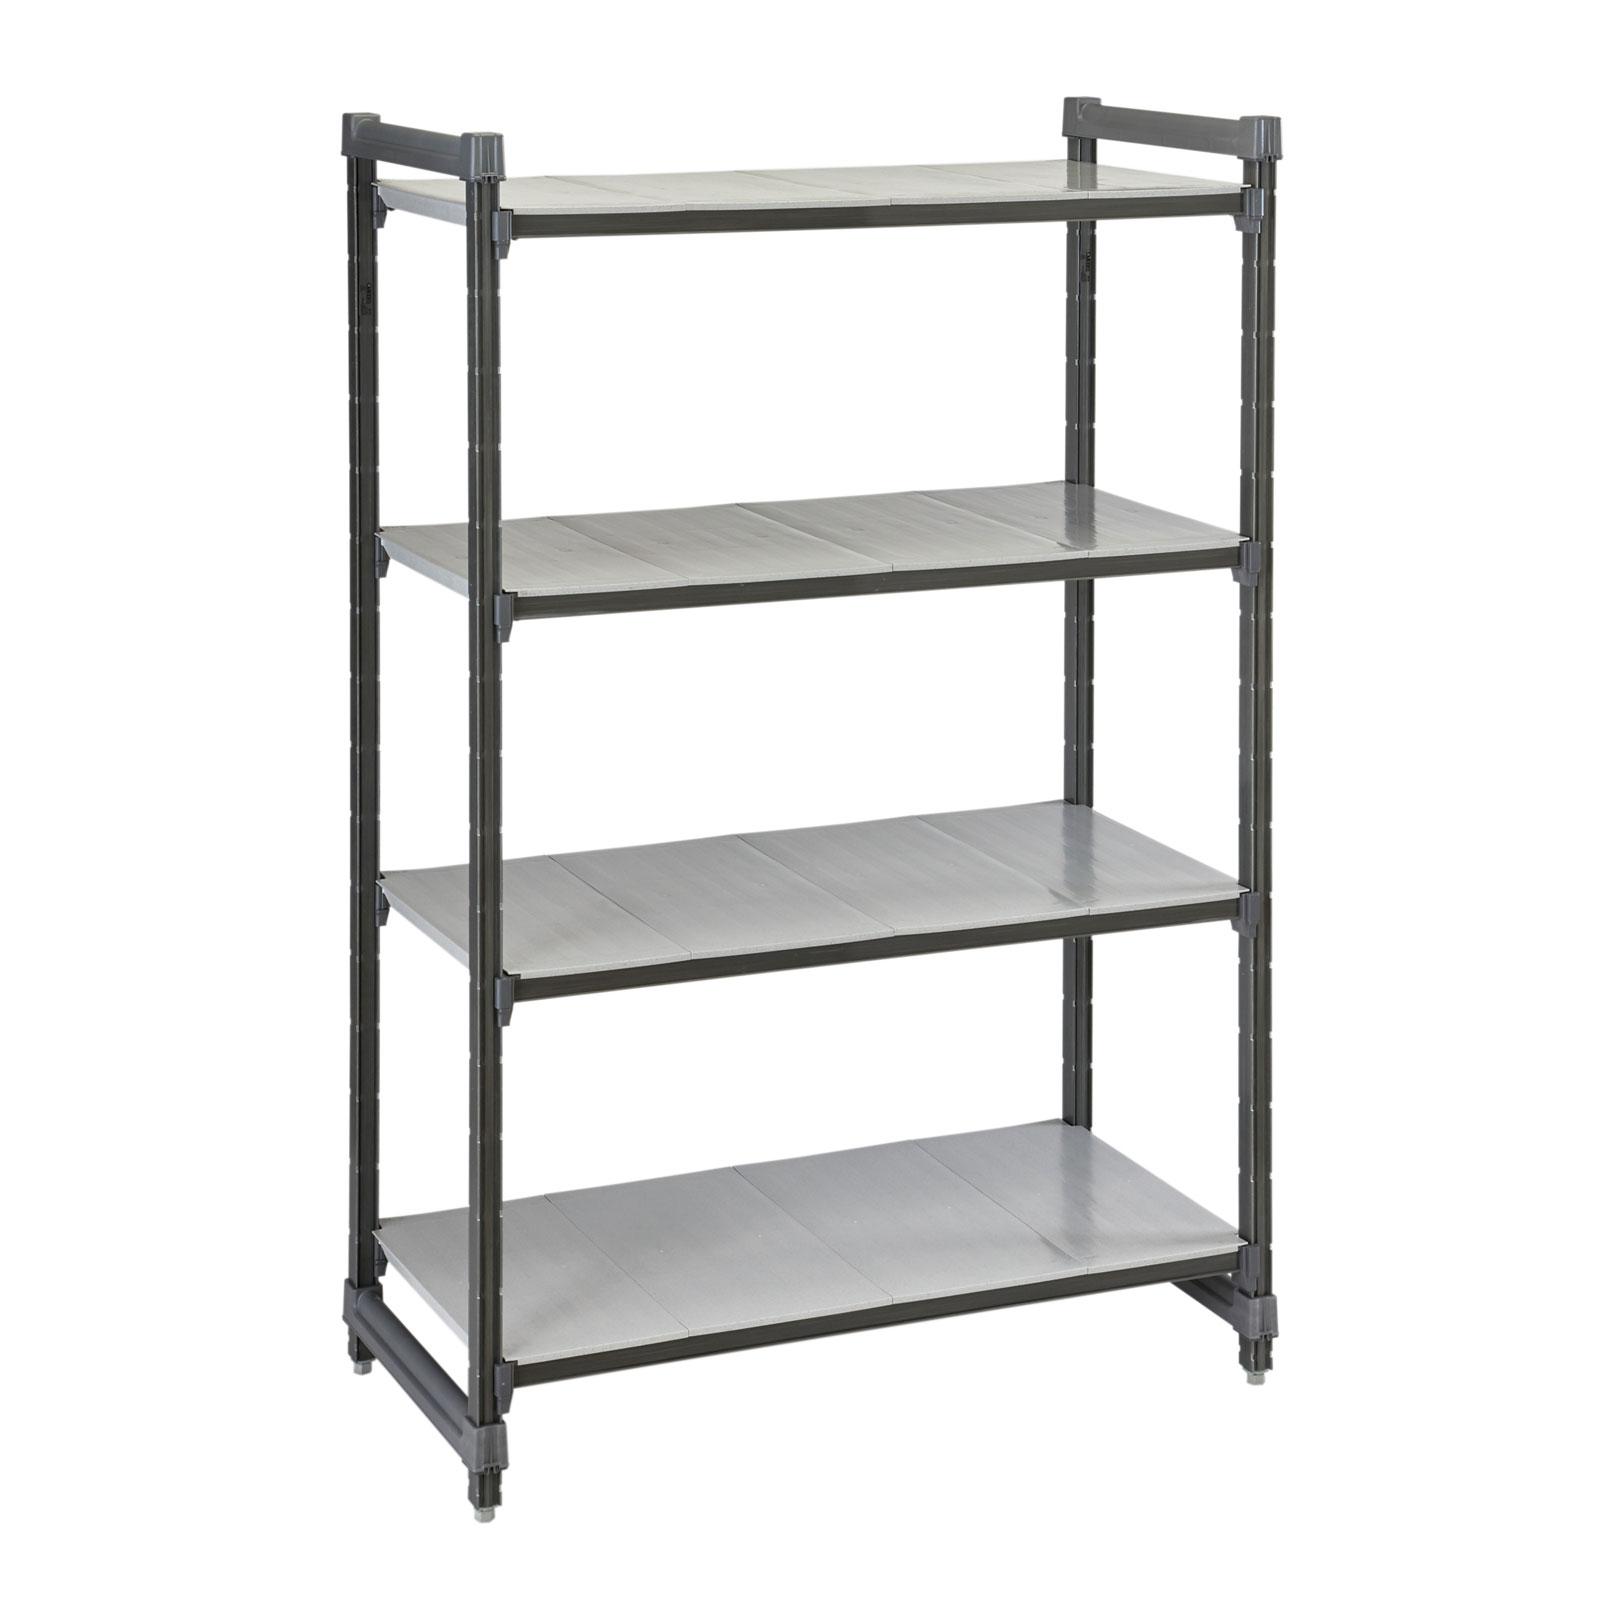 Cambro ESU247264S4580 shelving unit, all plastic